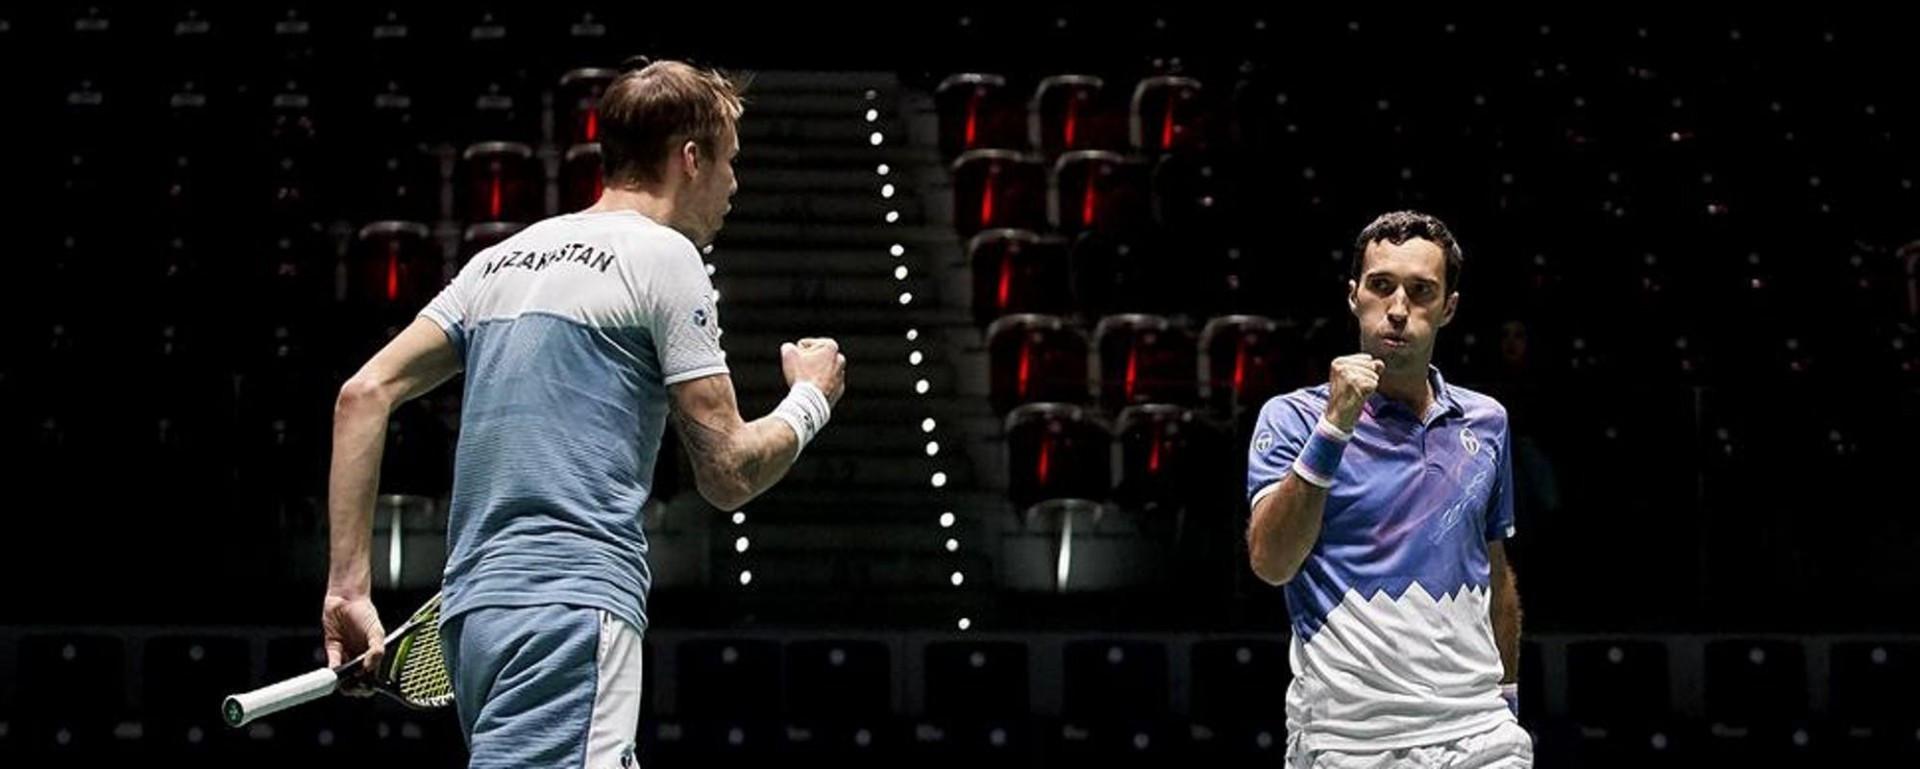 Теннистен Қазақстан мен Нидерланд командалары арасында турнир өтеді